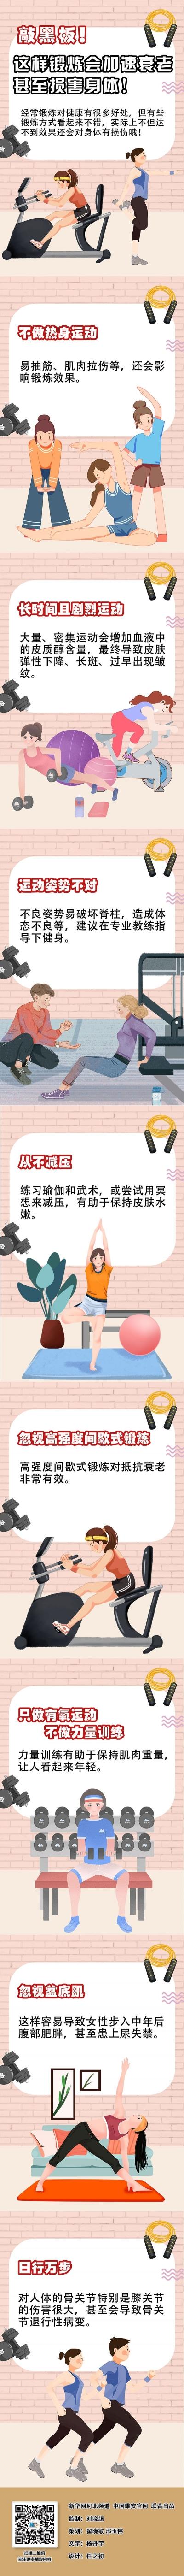 敲黑板!这样锻炼会加速衰老甚至损害身体!